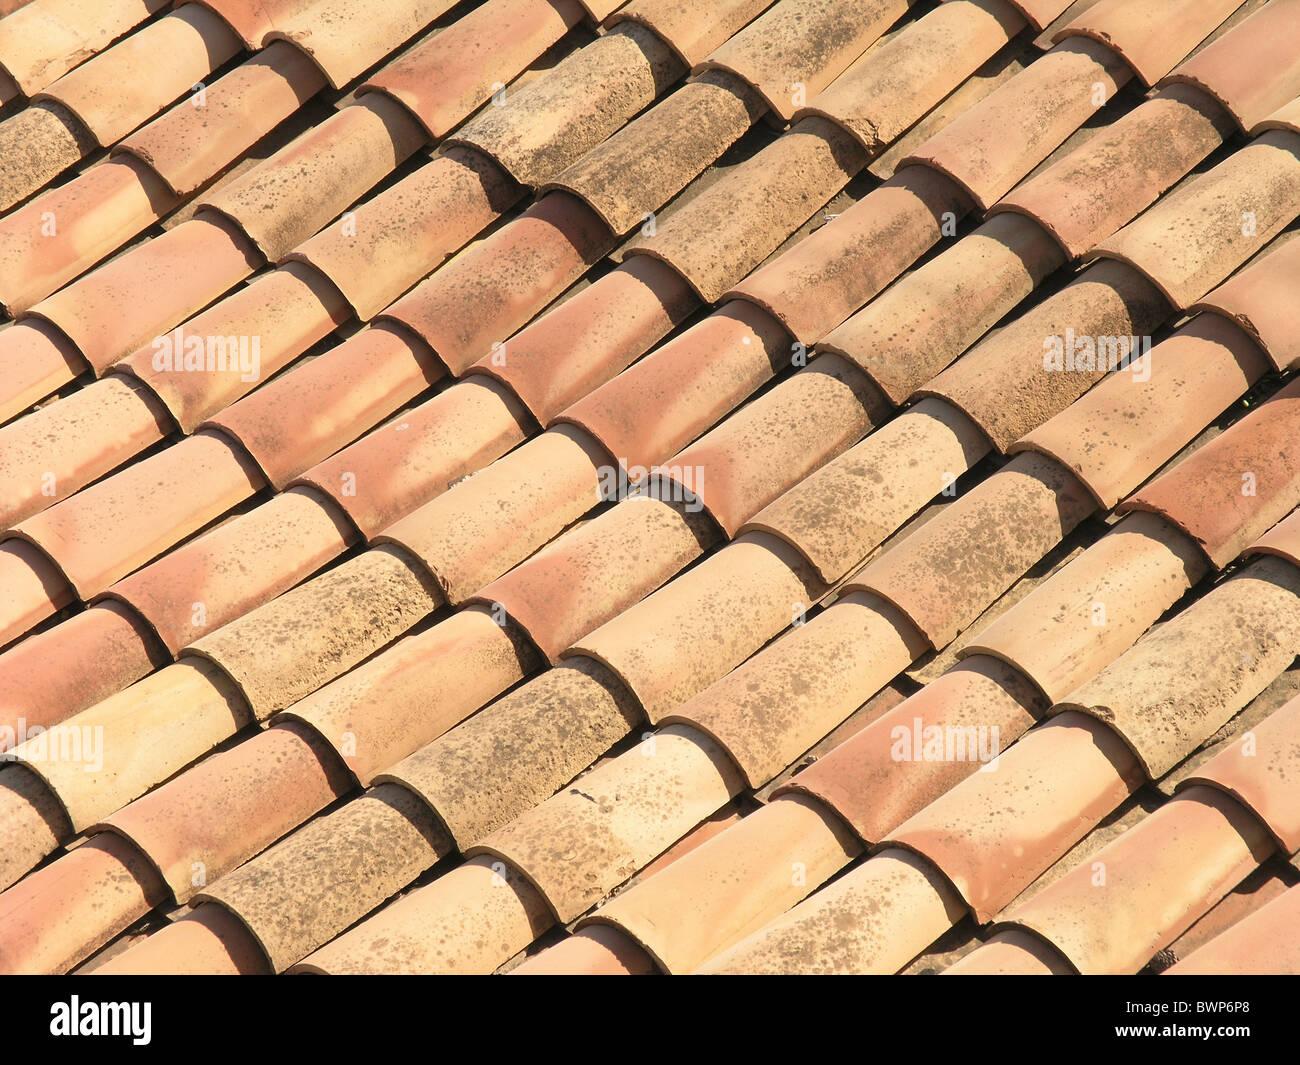 Come Dipingere Vecchie Tegole tegole del tetto casa alto edificio di terracotta rossastro